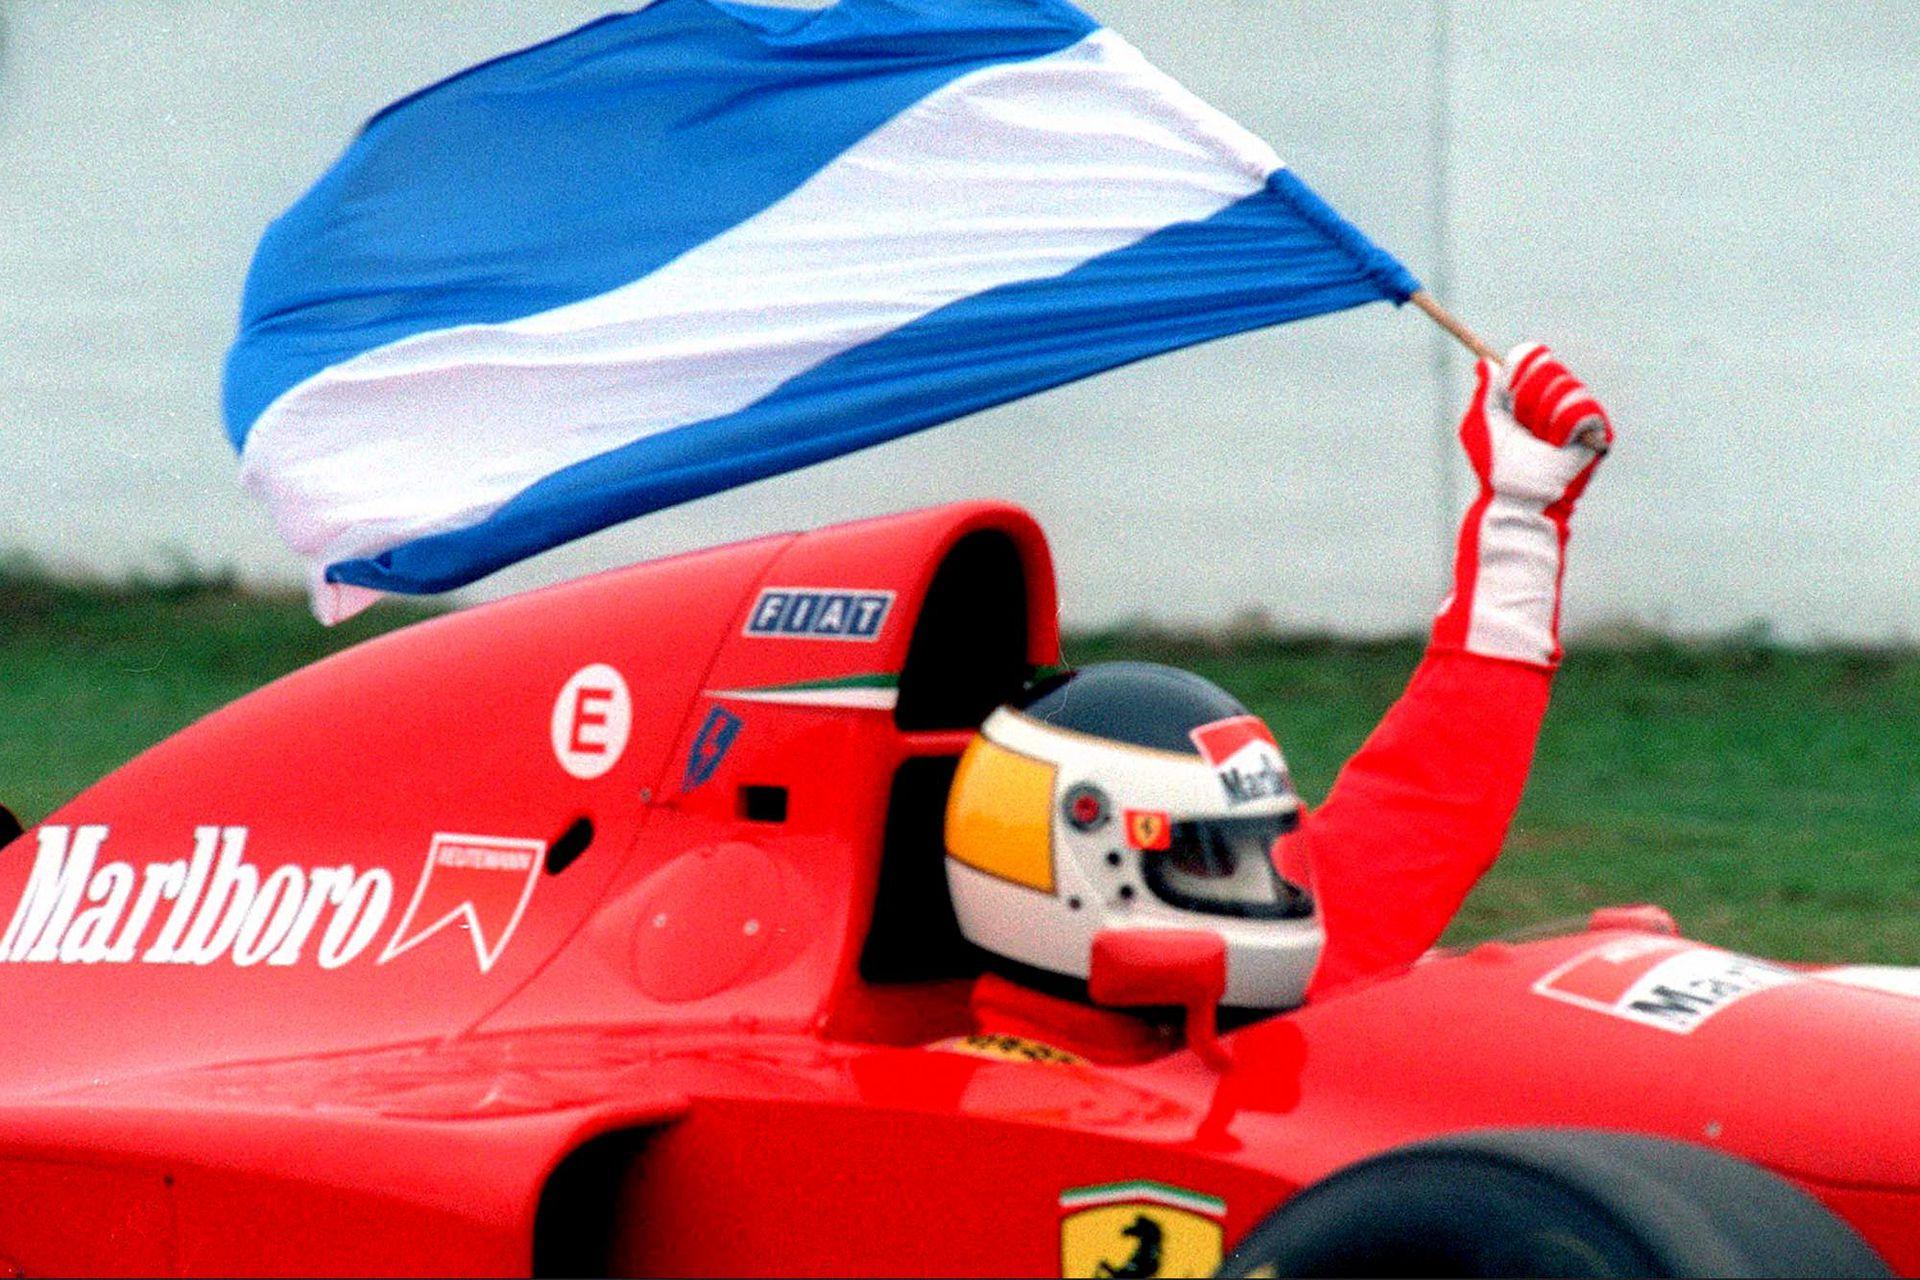 El 9 de abril de 1995, durante la segunda fecha del calendario de la Fórmula 1 y trece años después del retiro, Reutemann gira con la Ferrari 412 T1 en el autódromo de Buenos Aires